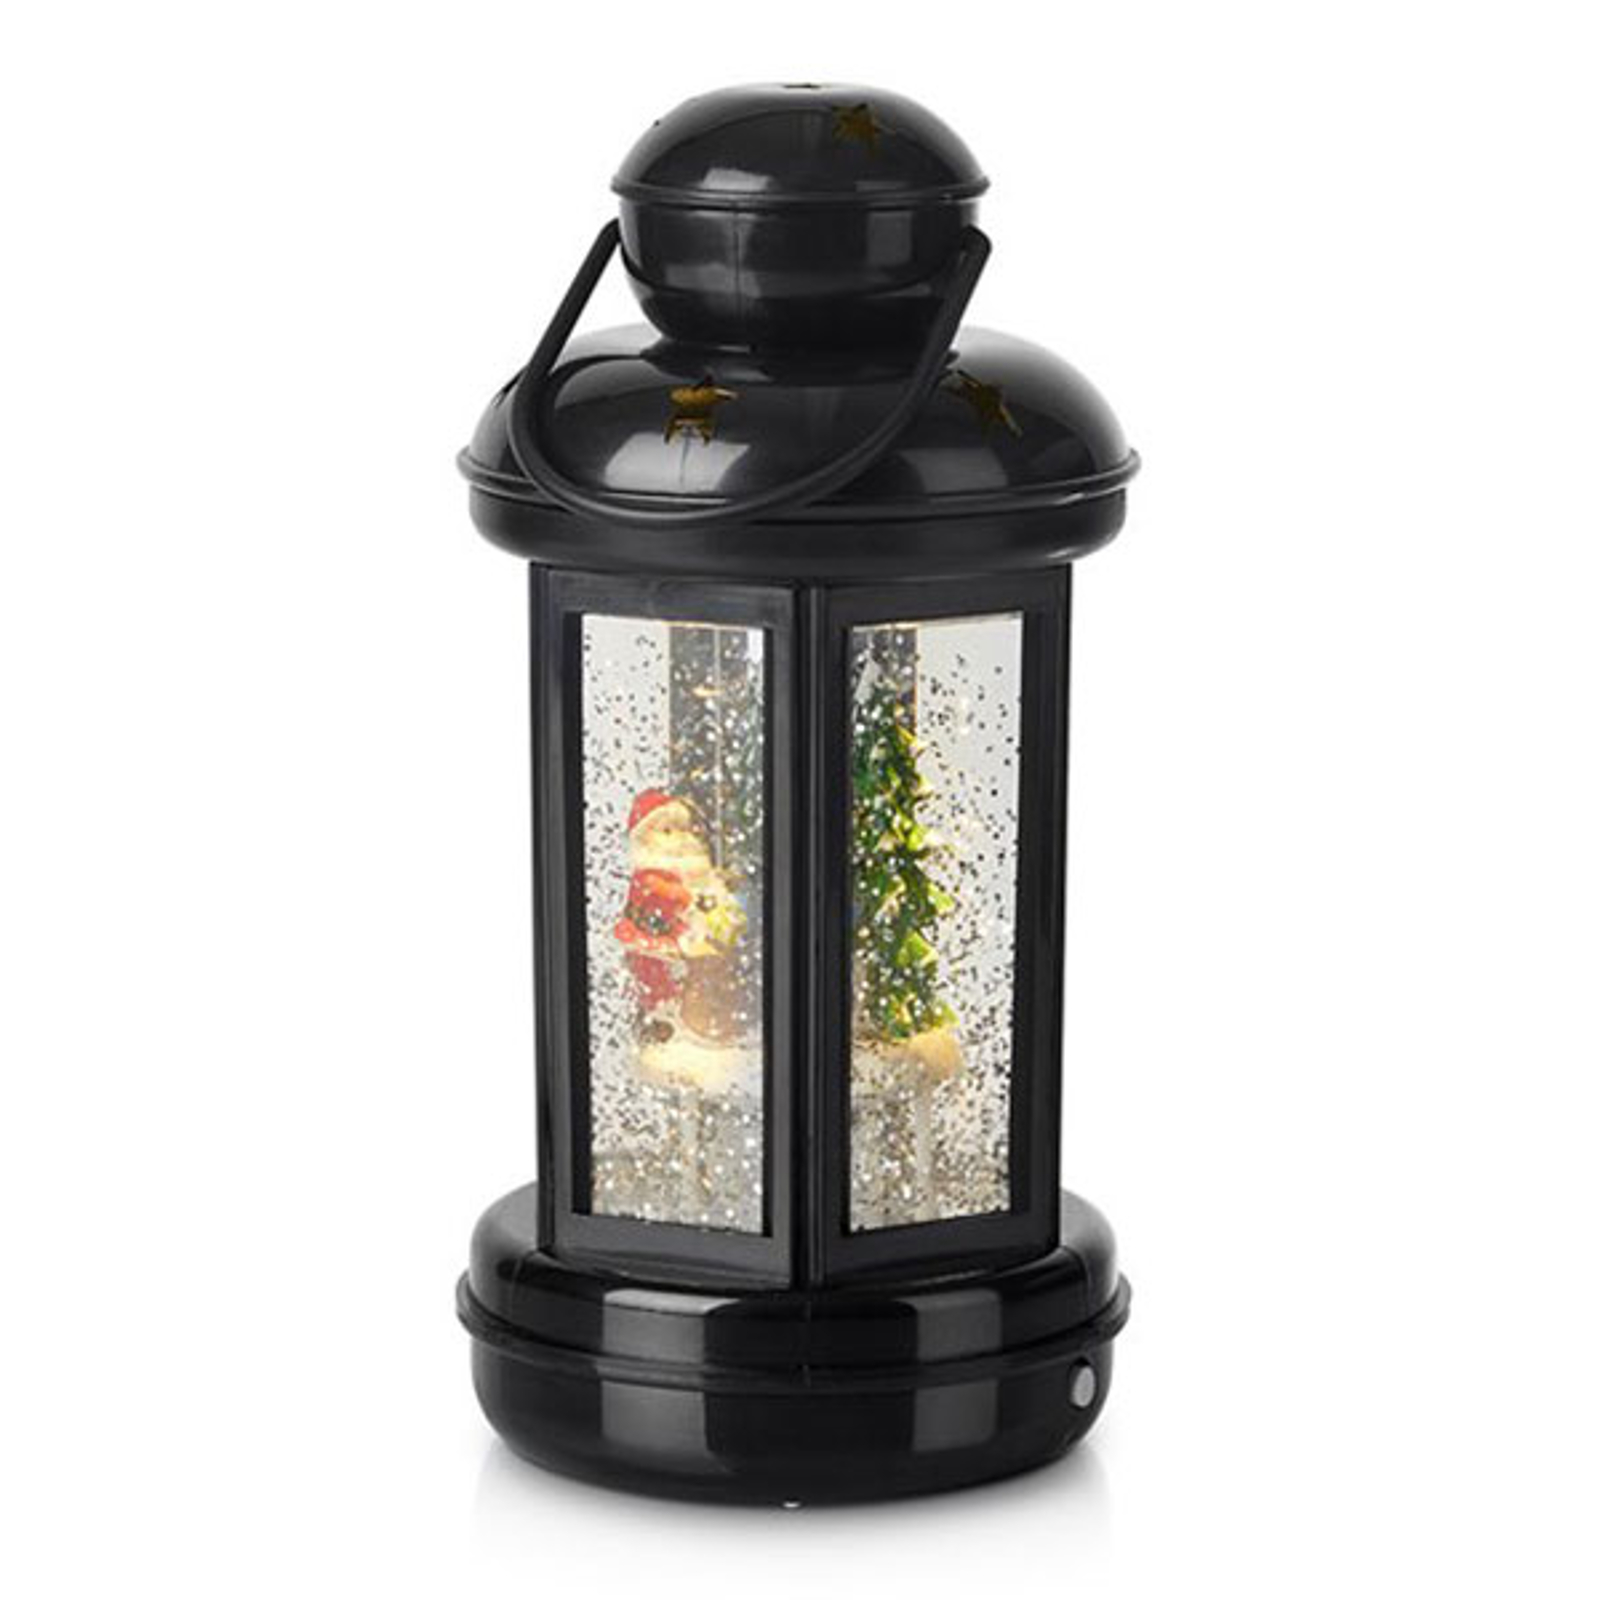 Glitterfyldt dekolanterne Cosy LED sort